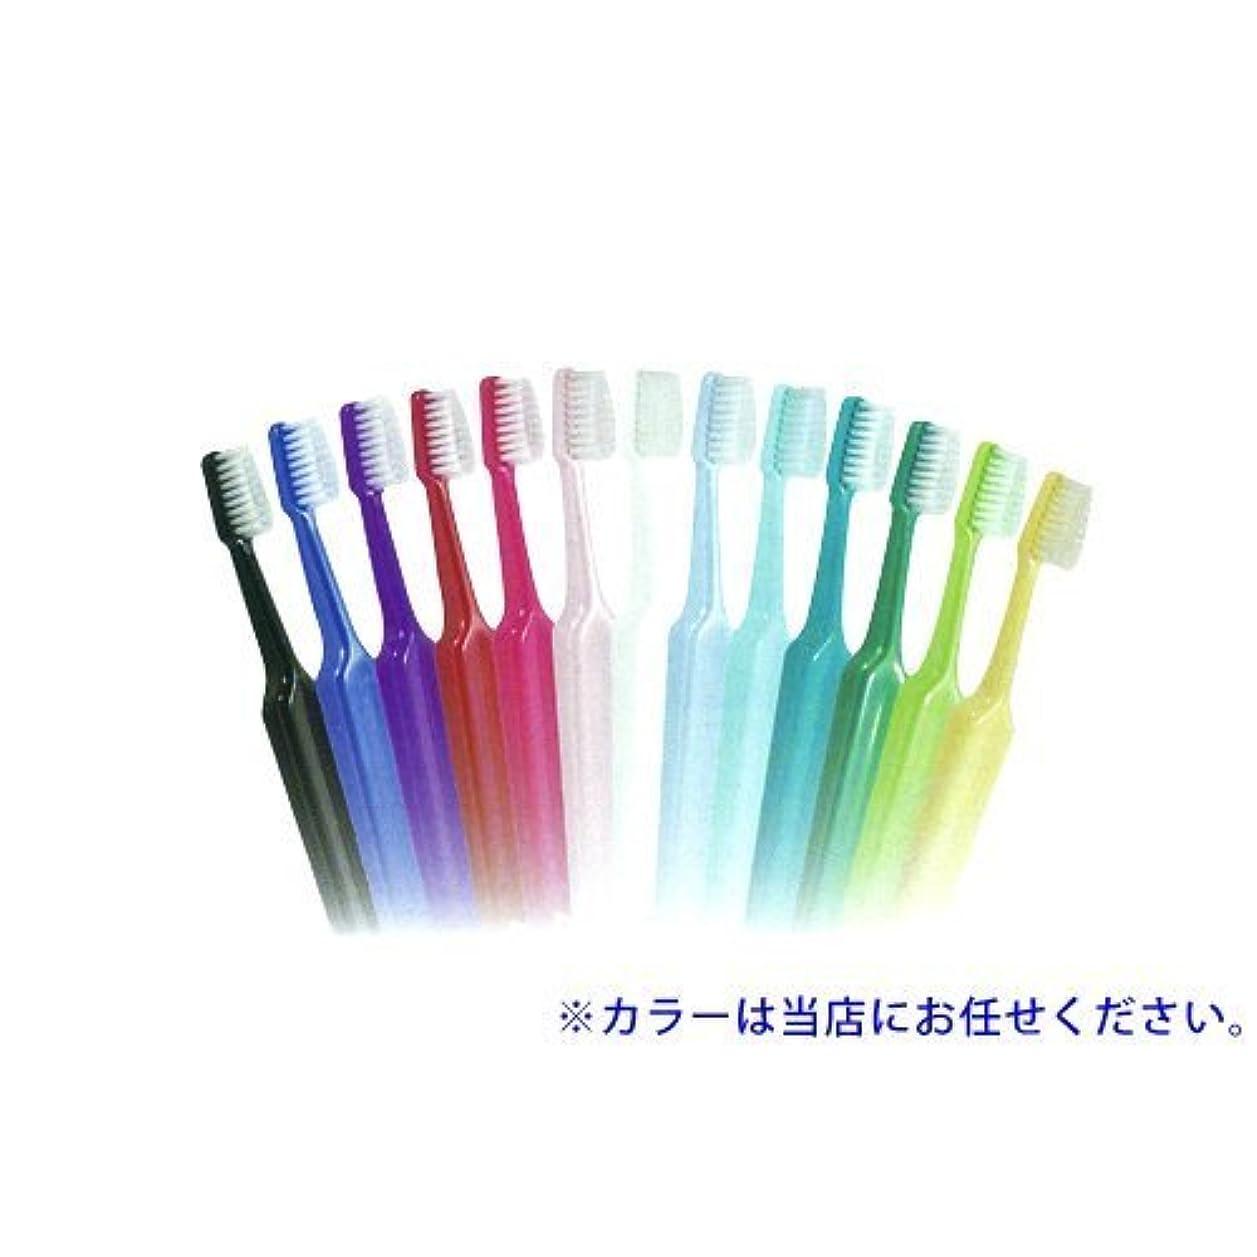 温かいどっち軽減Tepe歯ブラシ セレクトミニ/エクストラソフト 25本/箱